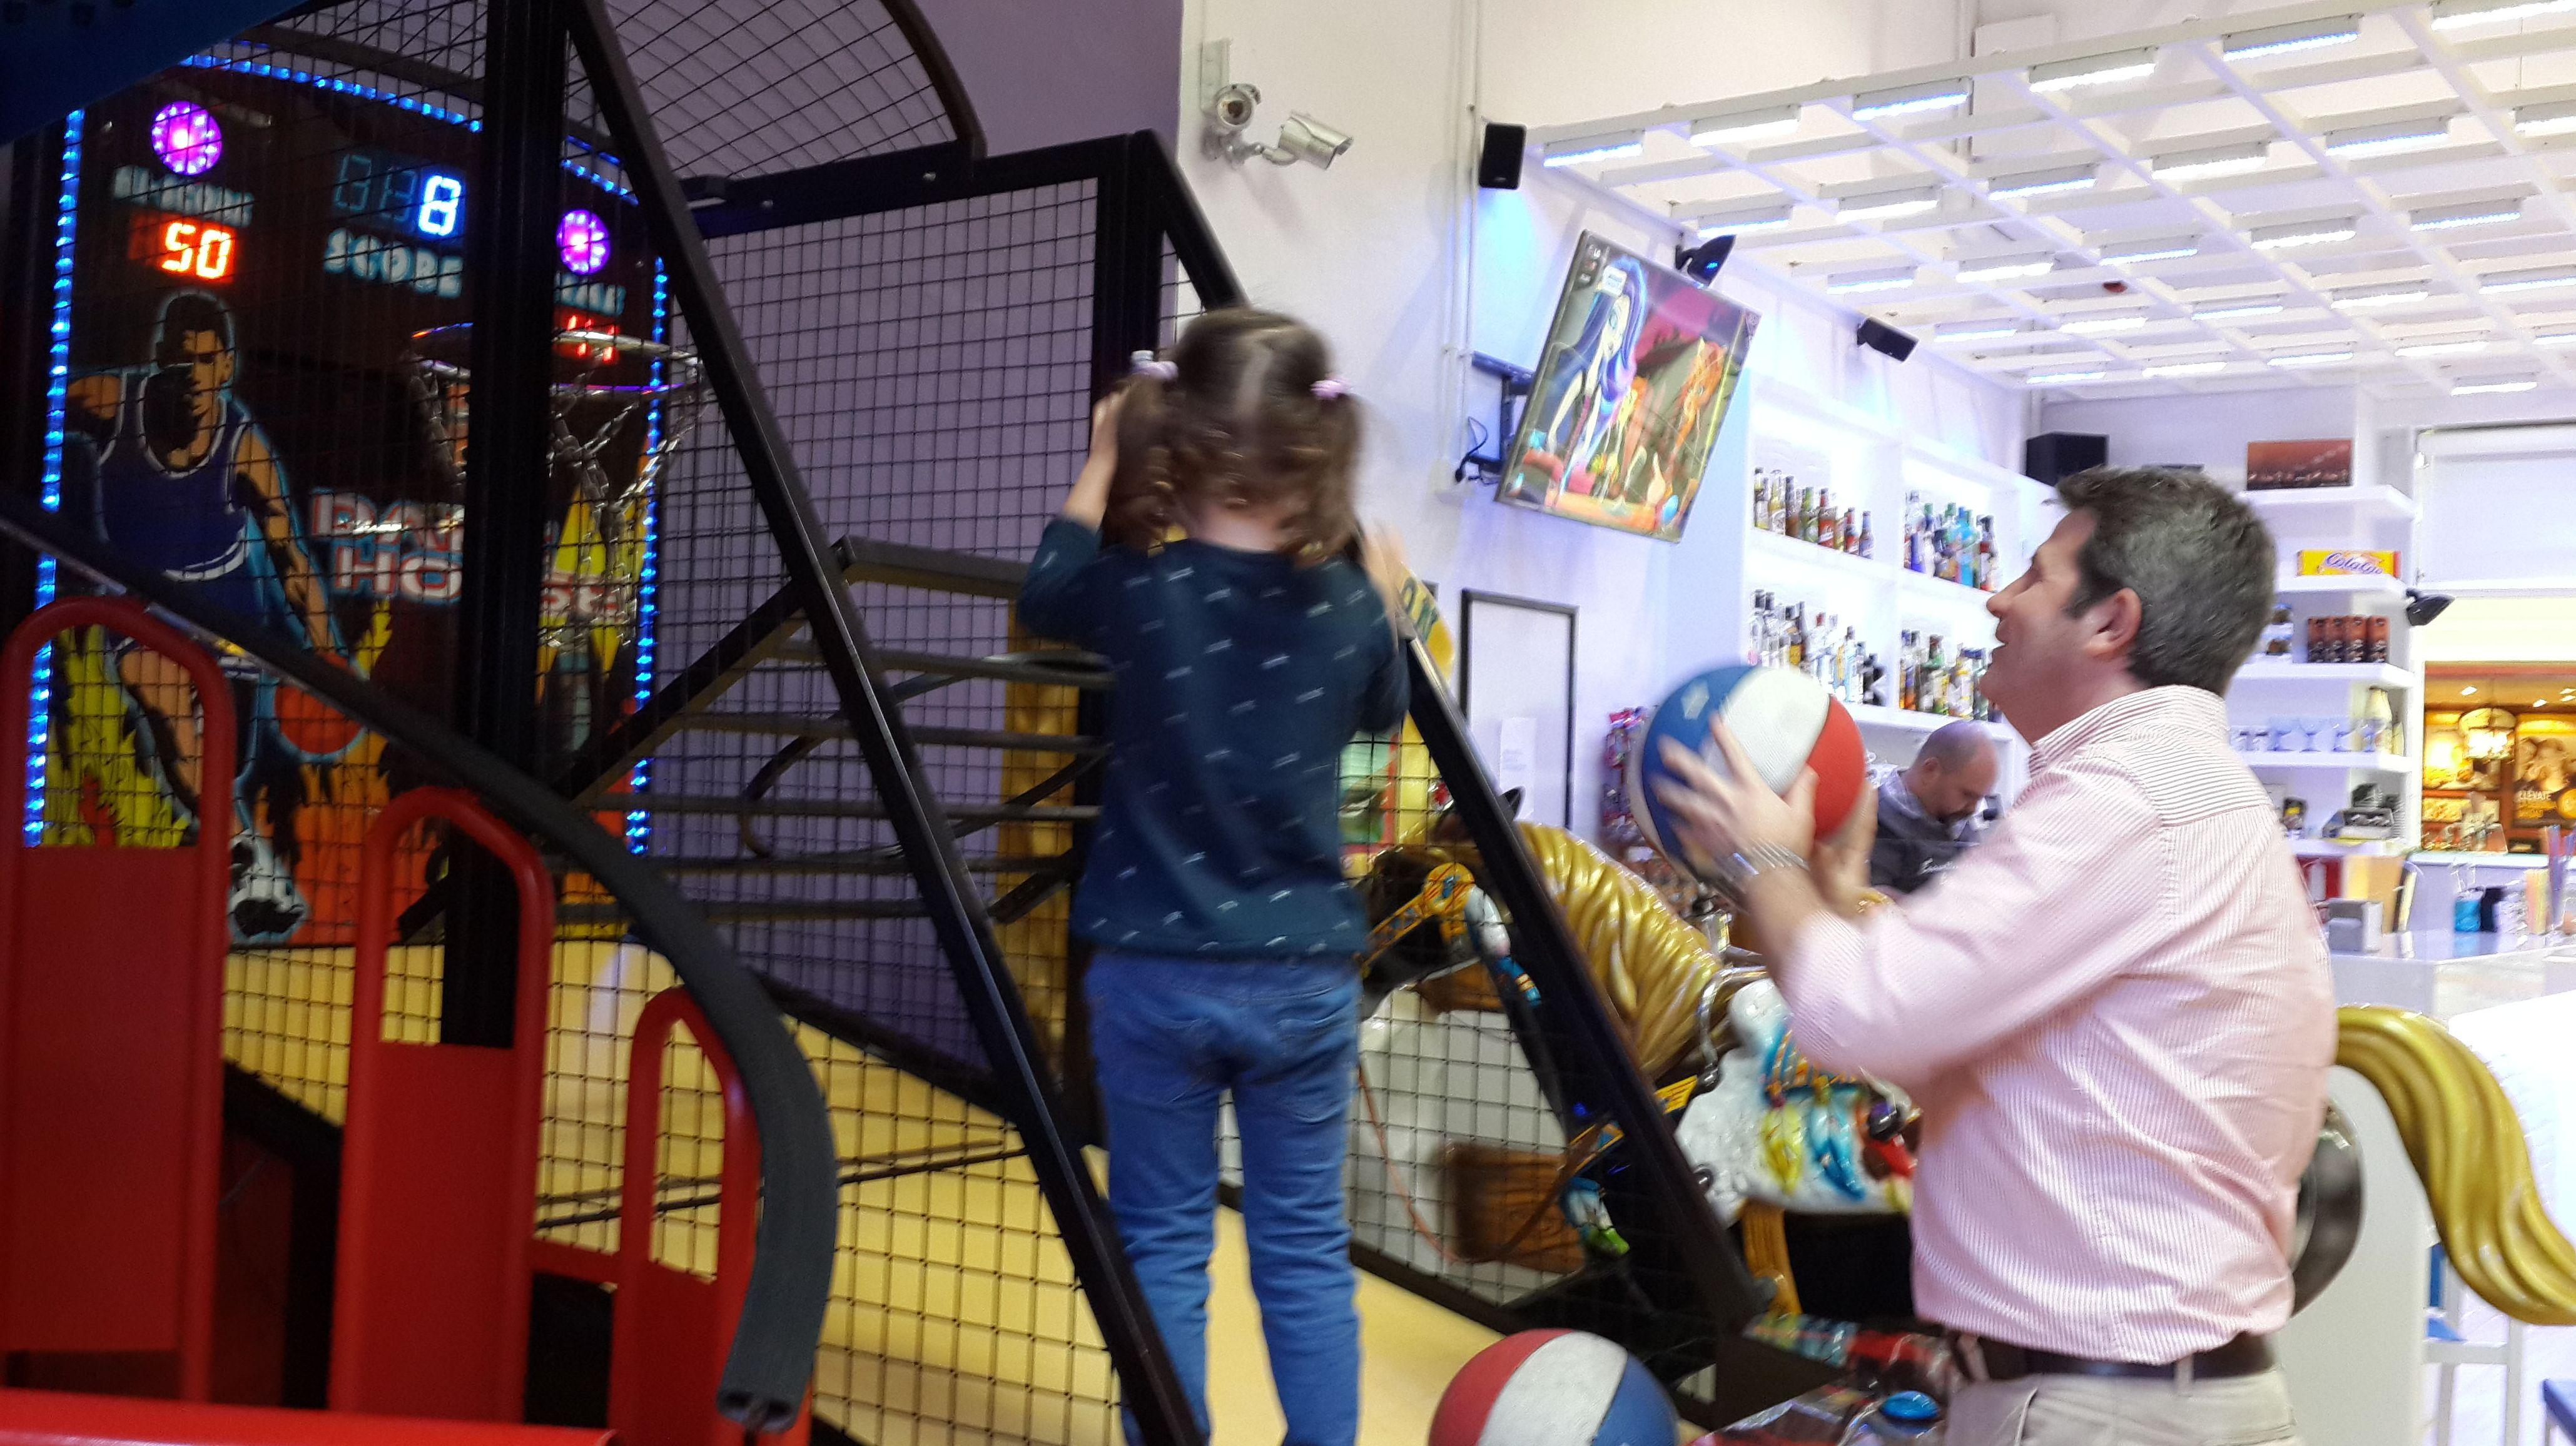 Eventos para niños en Alcalá de Guadaira